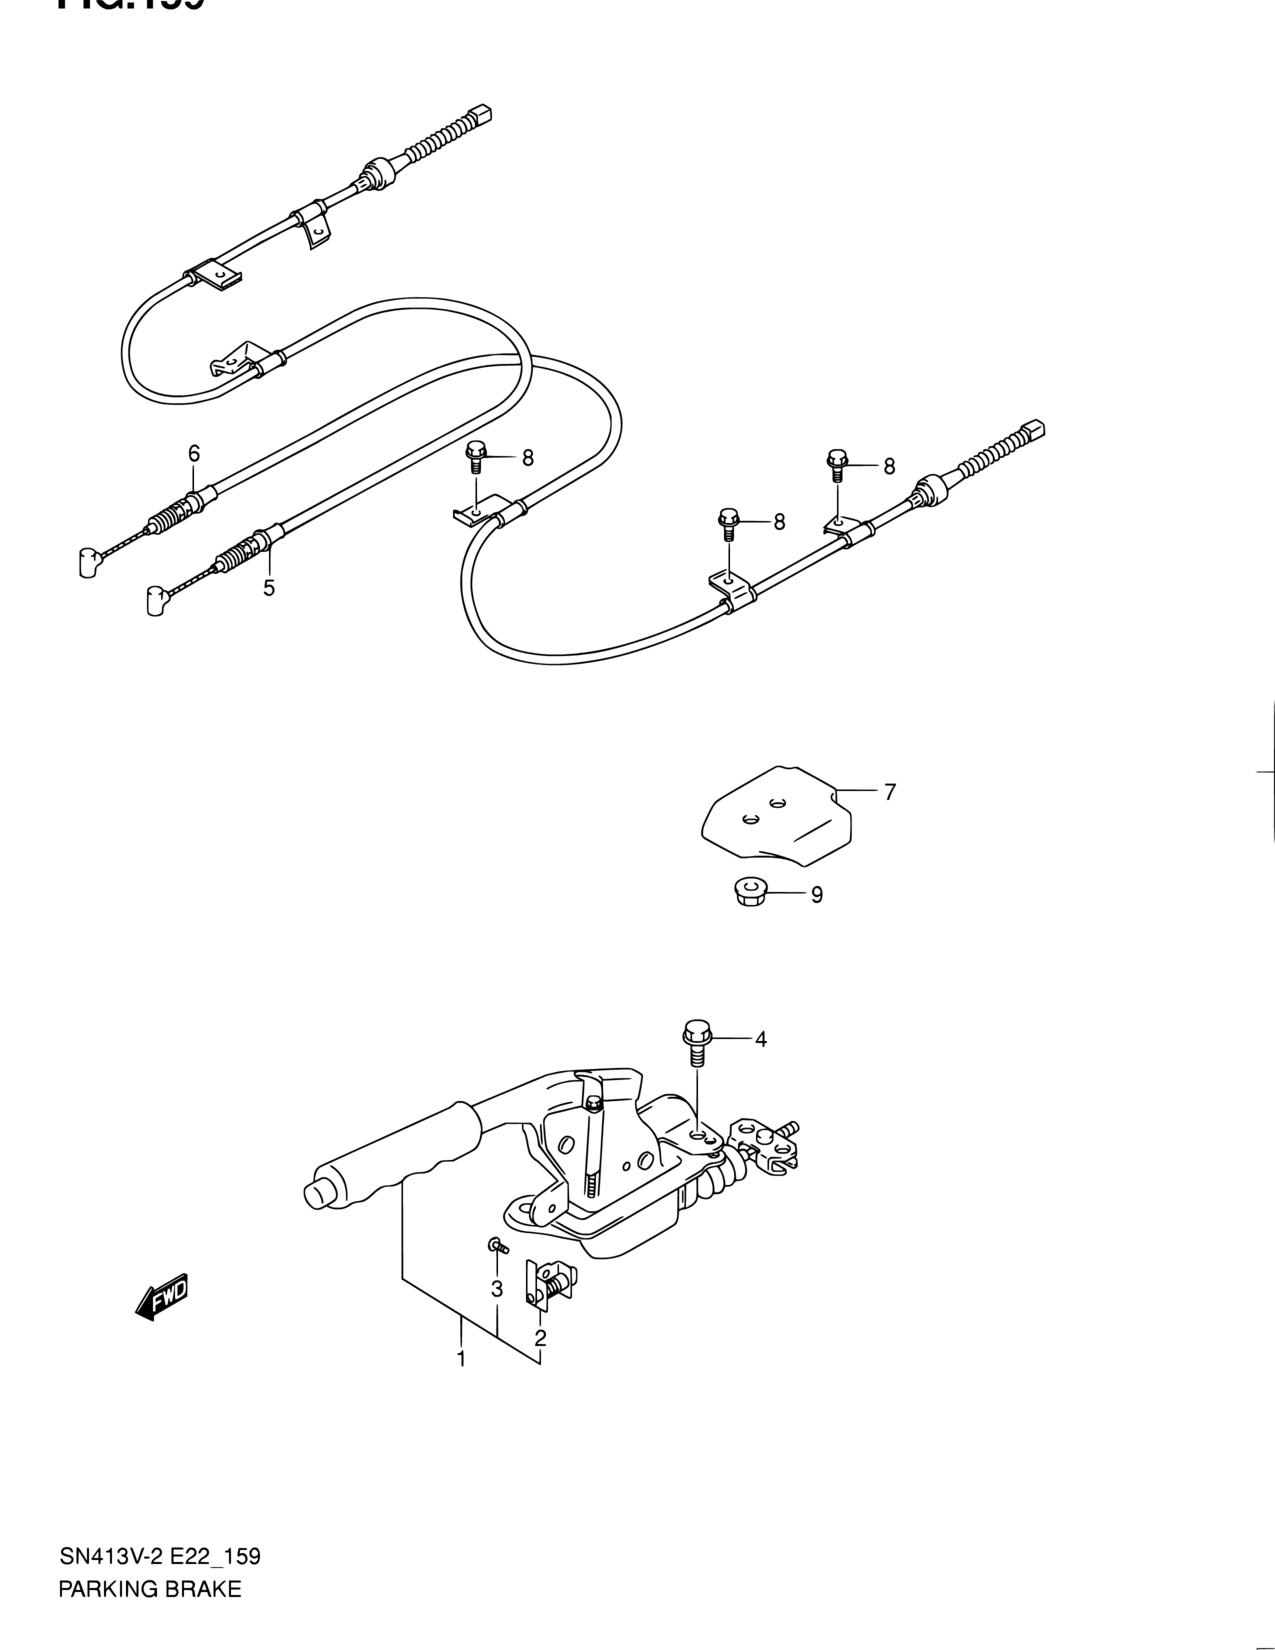 suzuki xl7 parking brake diagram radio wiring diagram u2022 rh augmently co Suzuki  XL7 Battery Location 2003 Suzuki XL7 Repair Manual